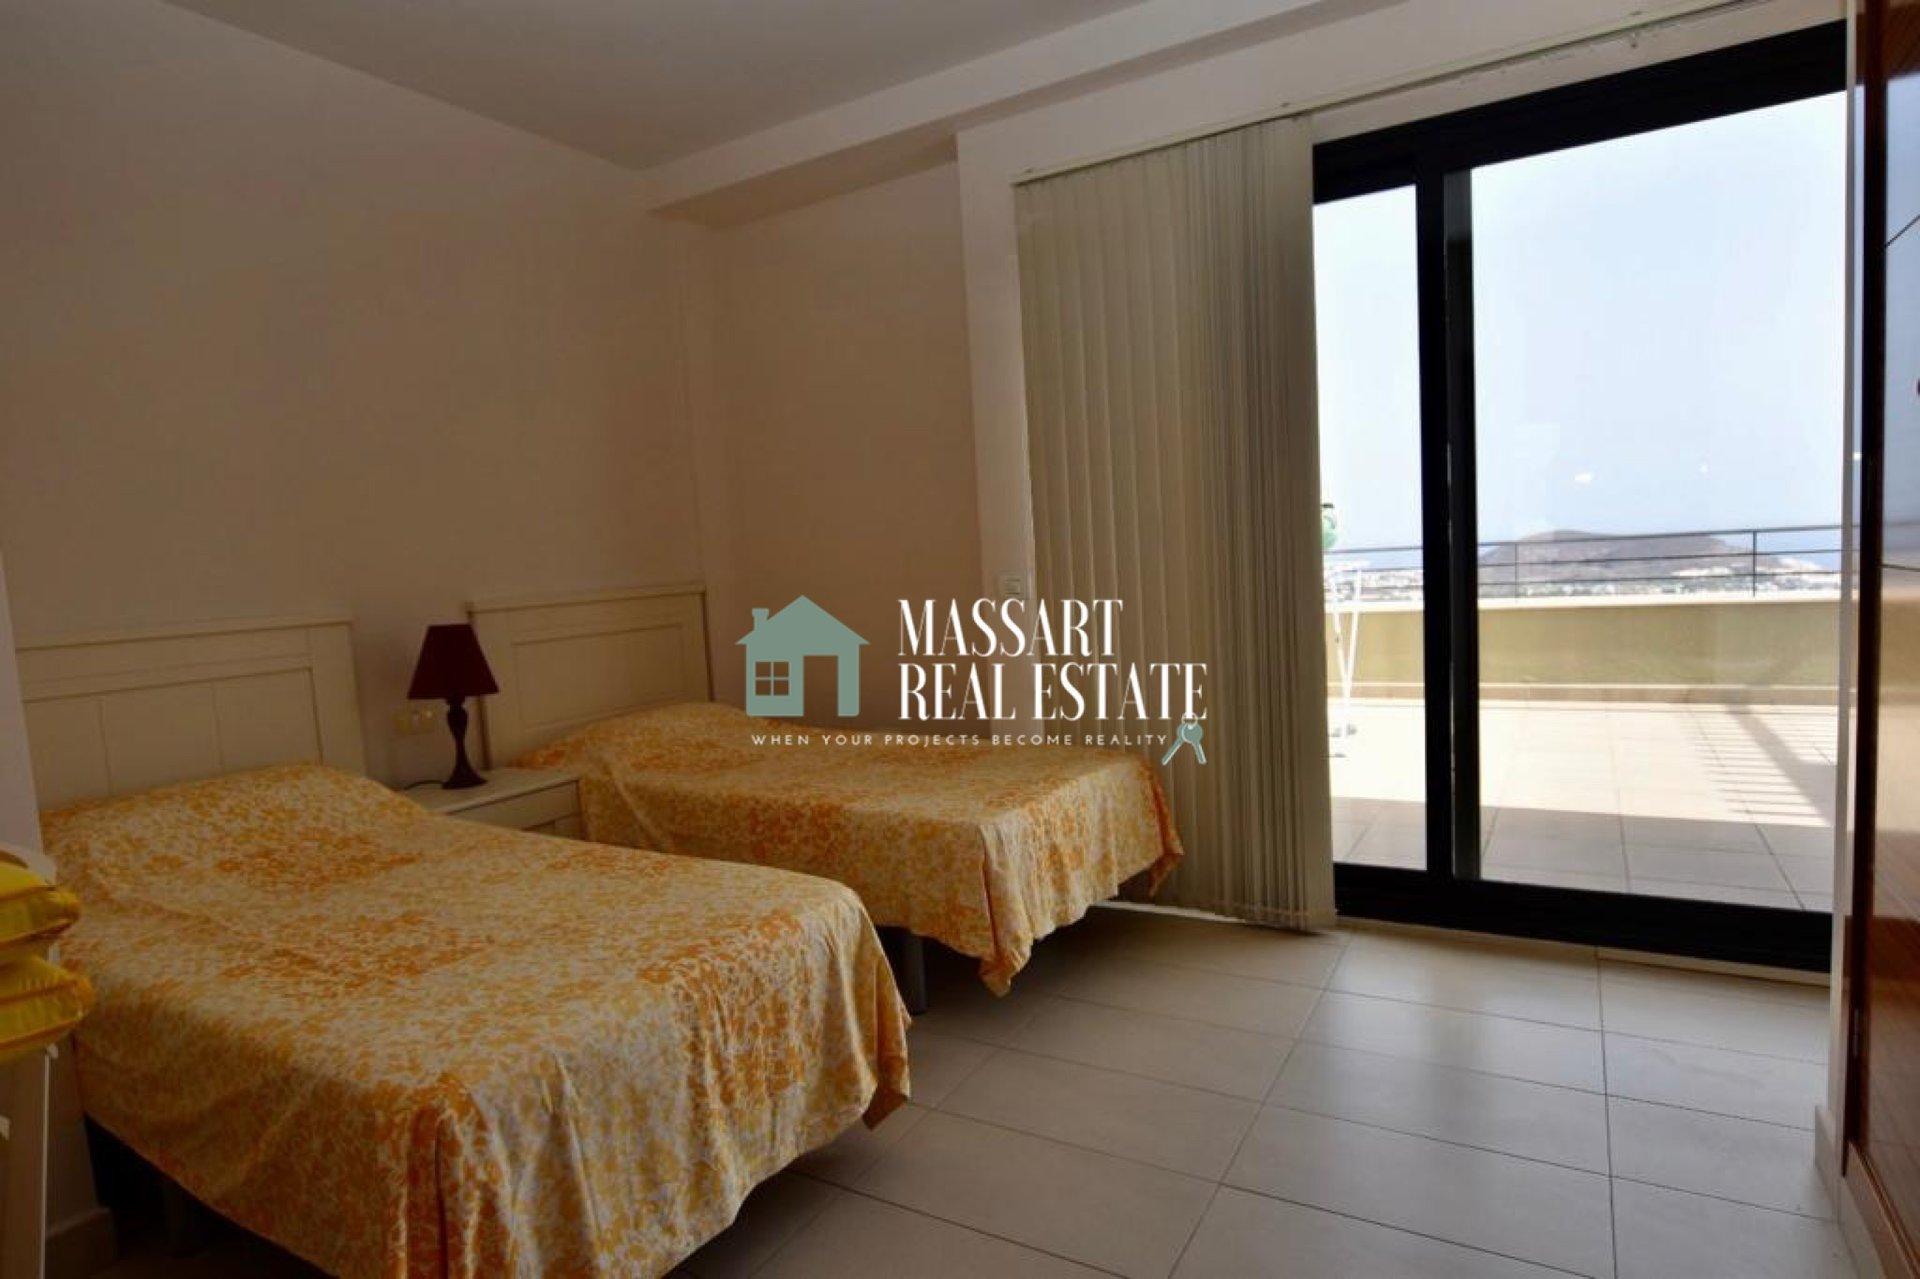 Prachtige villa van 162 m2 te koop in een exclusief gebied van Costa Adeje, La Caldera del Rey.